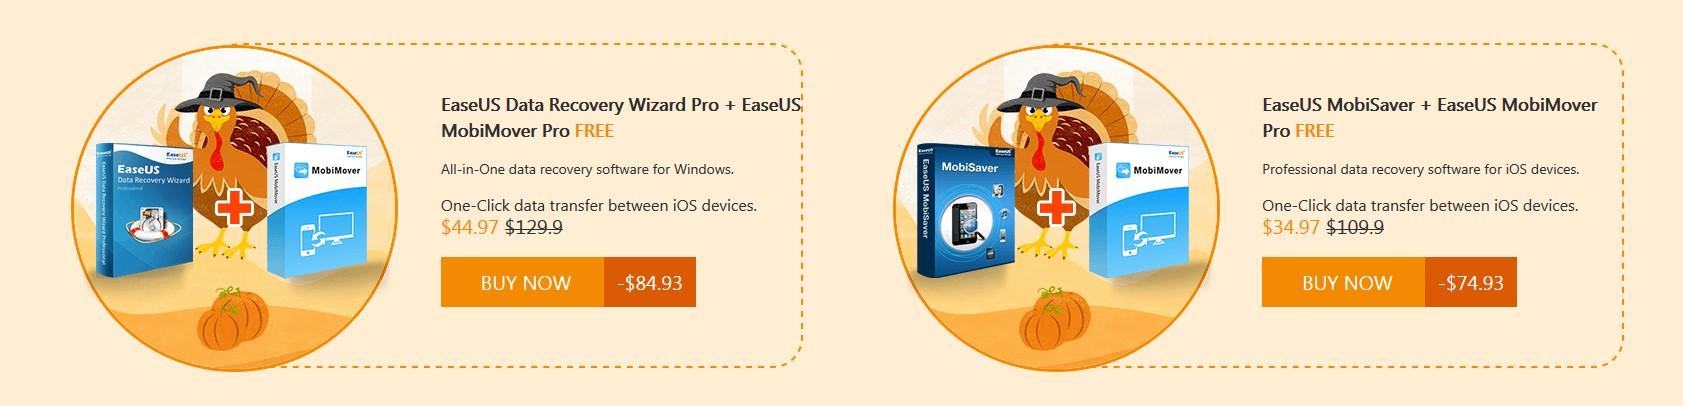 EaseUS Data Recovery Wizard Pro + EaseUS MobiMover Pro FREE